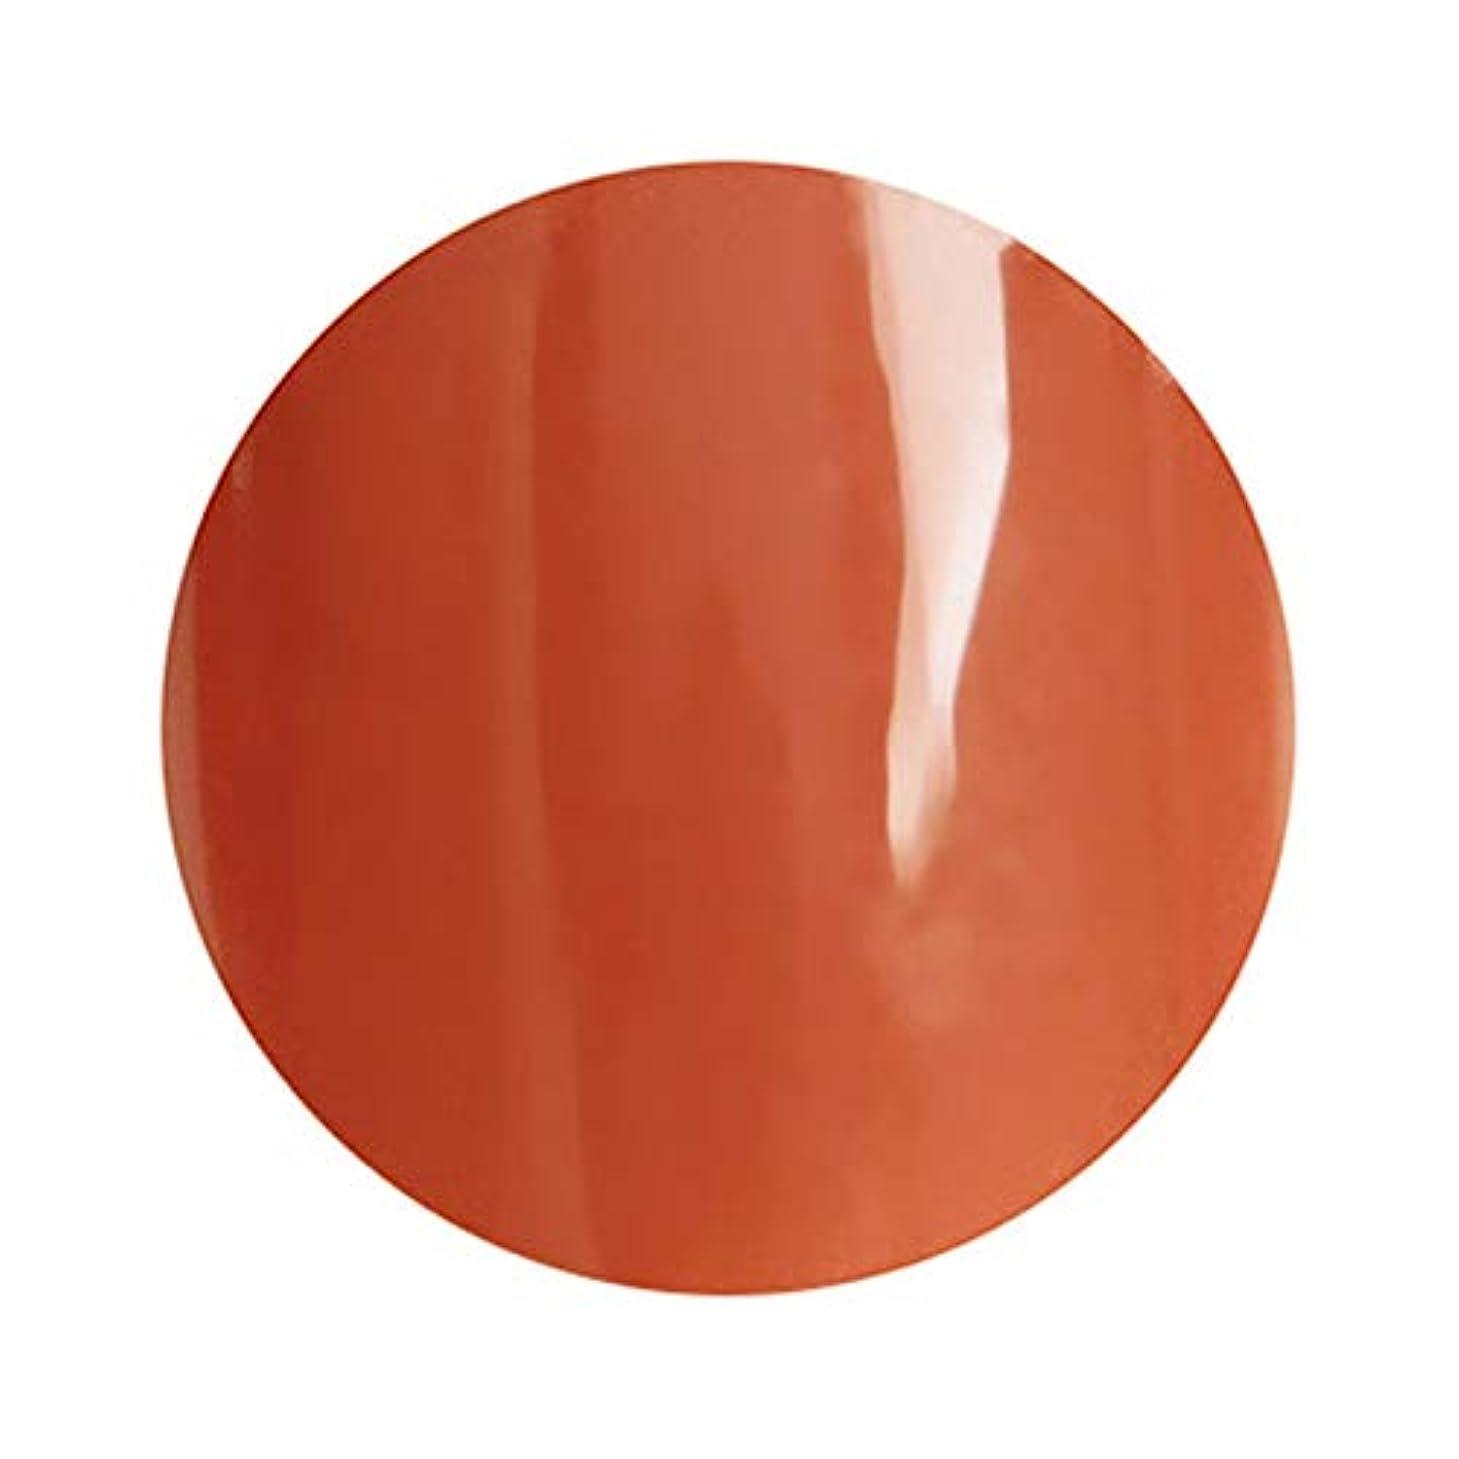 粗い対称満足para gel パラジェル カラージェル S033 アウェイクニングオレンジ 4g (久永ひろよプロデュース)